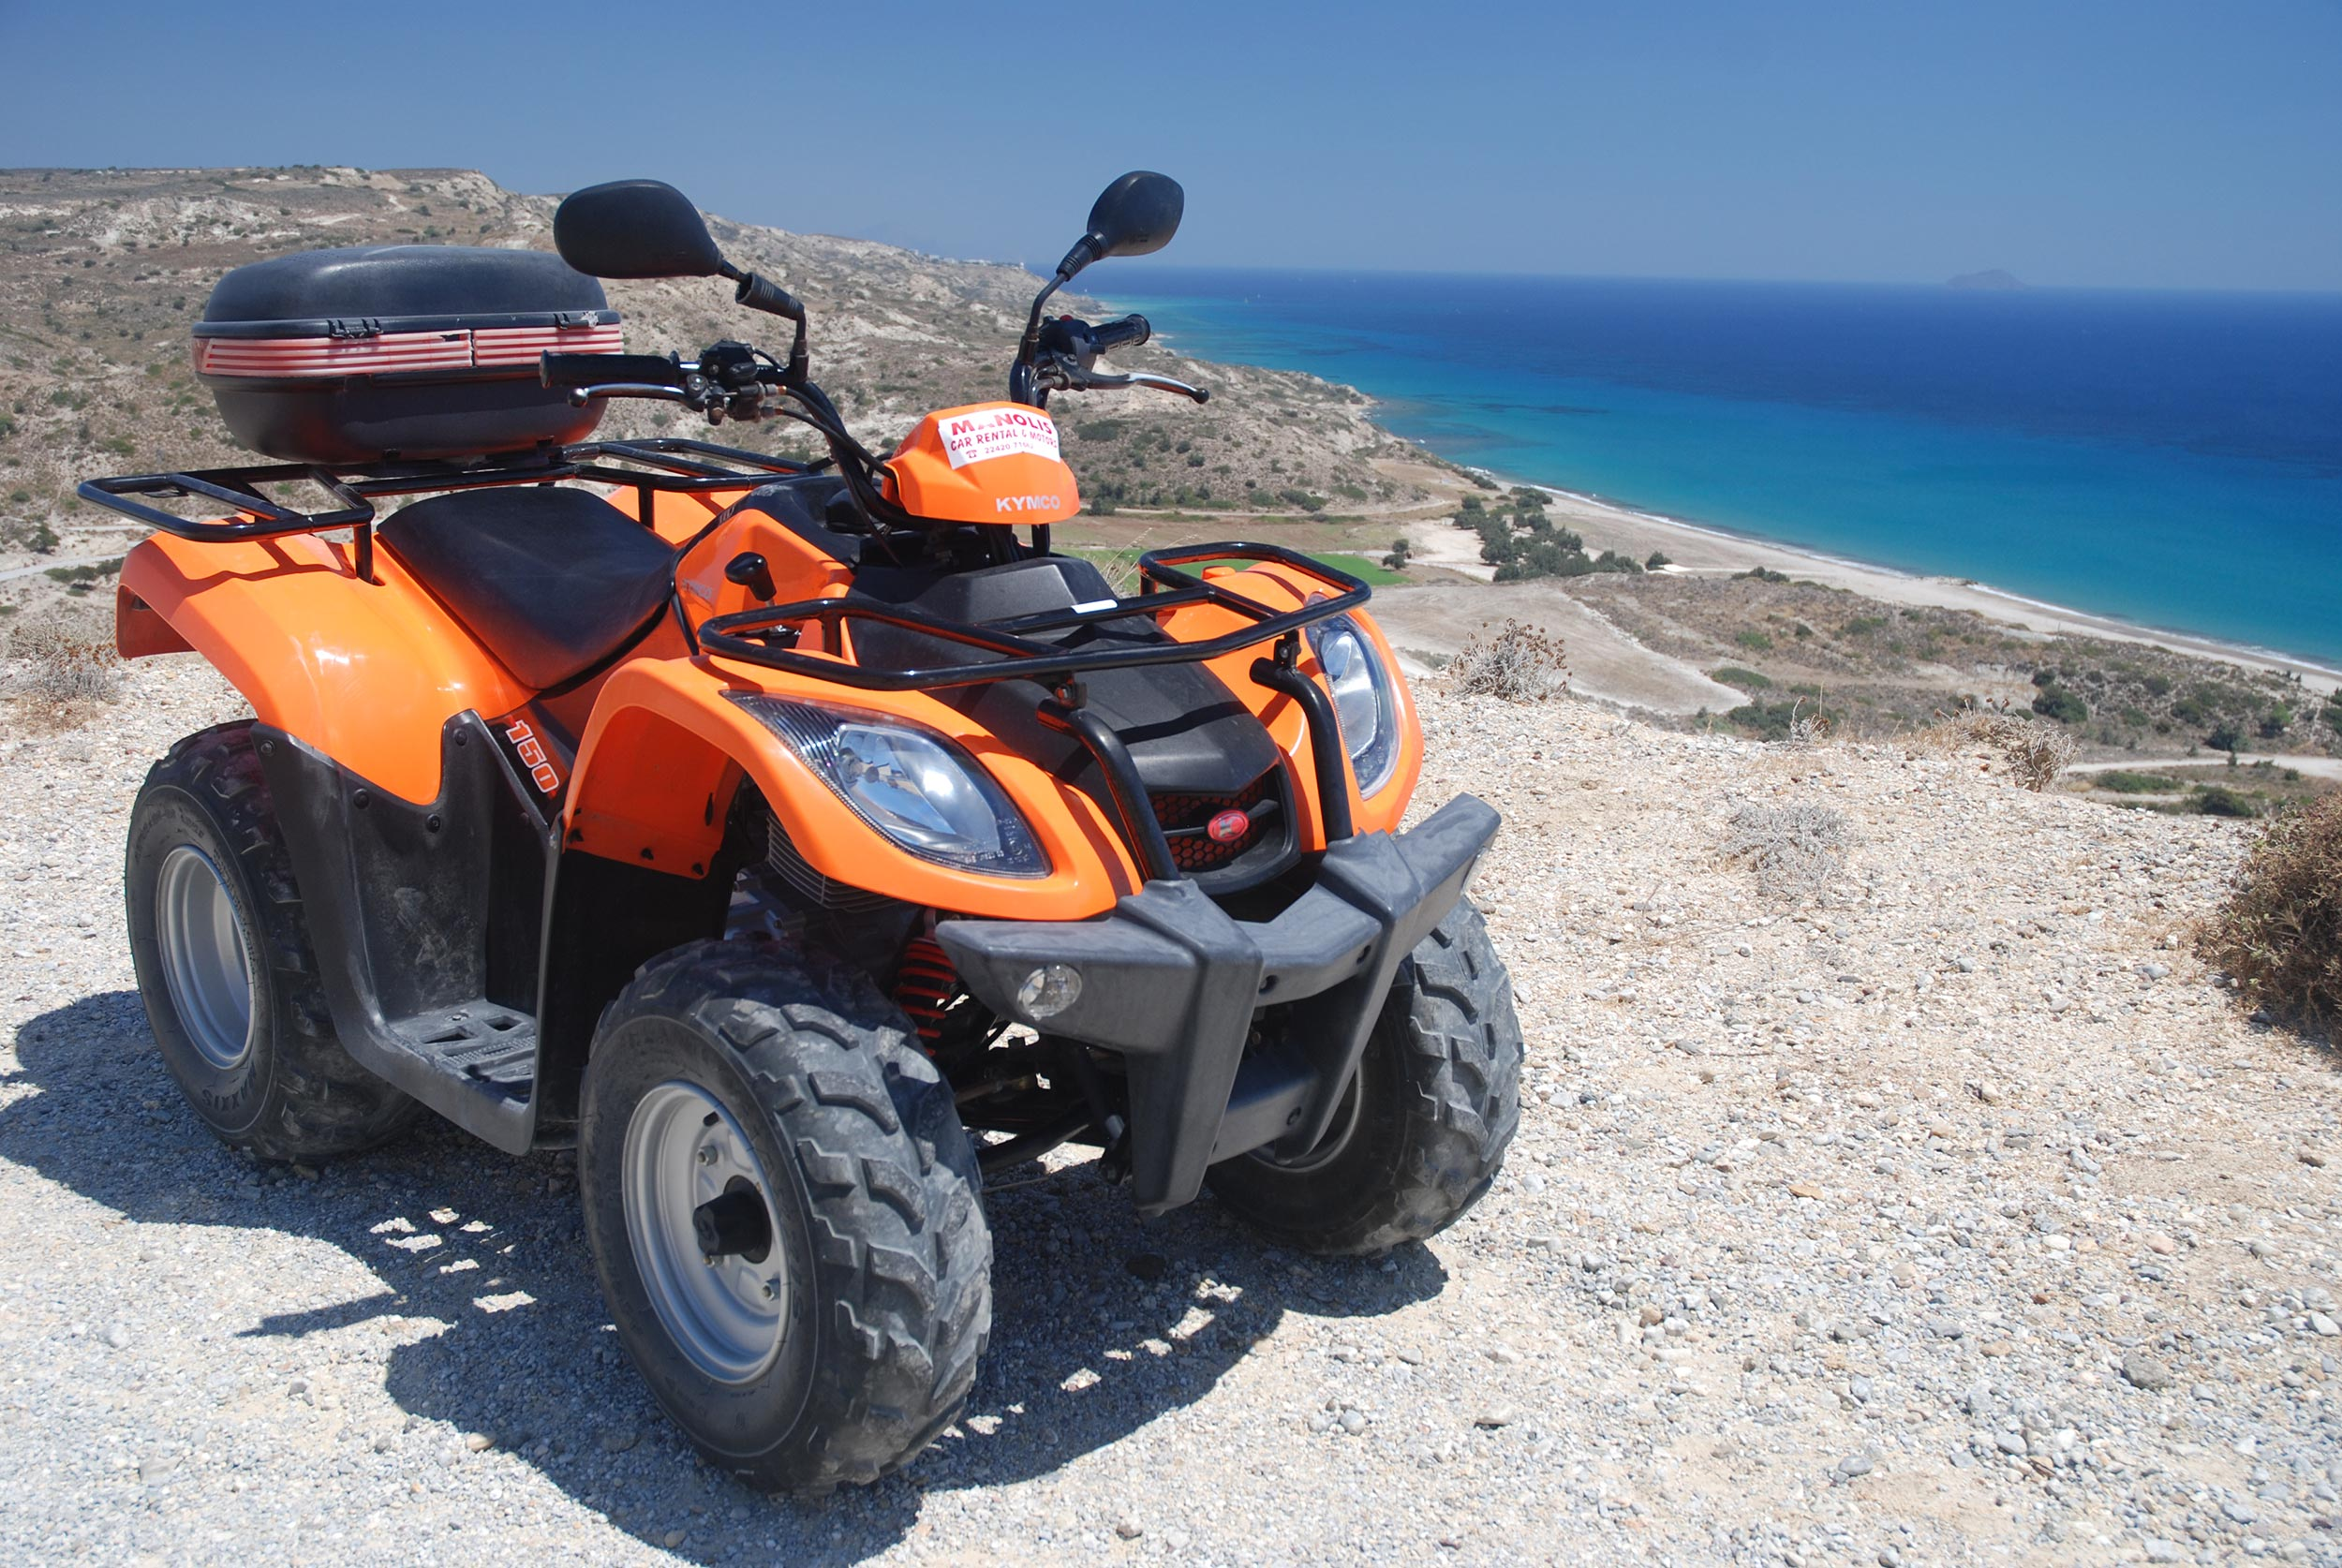 Quadriciclo na ilha de Kos, na Grécia